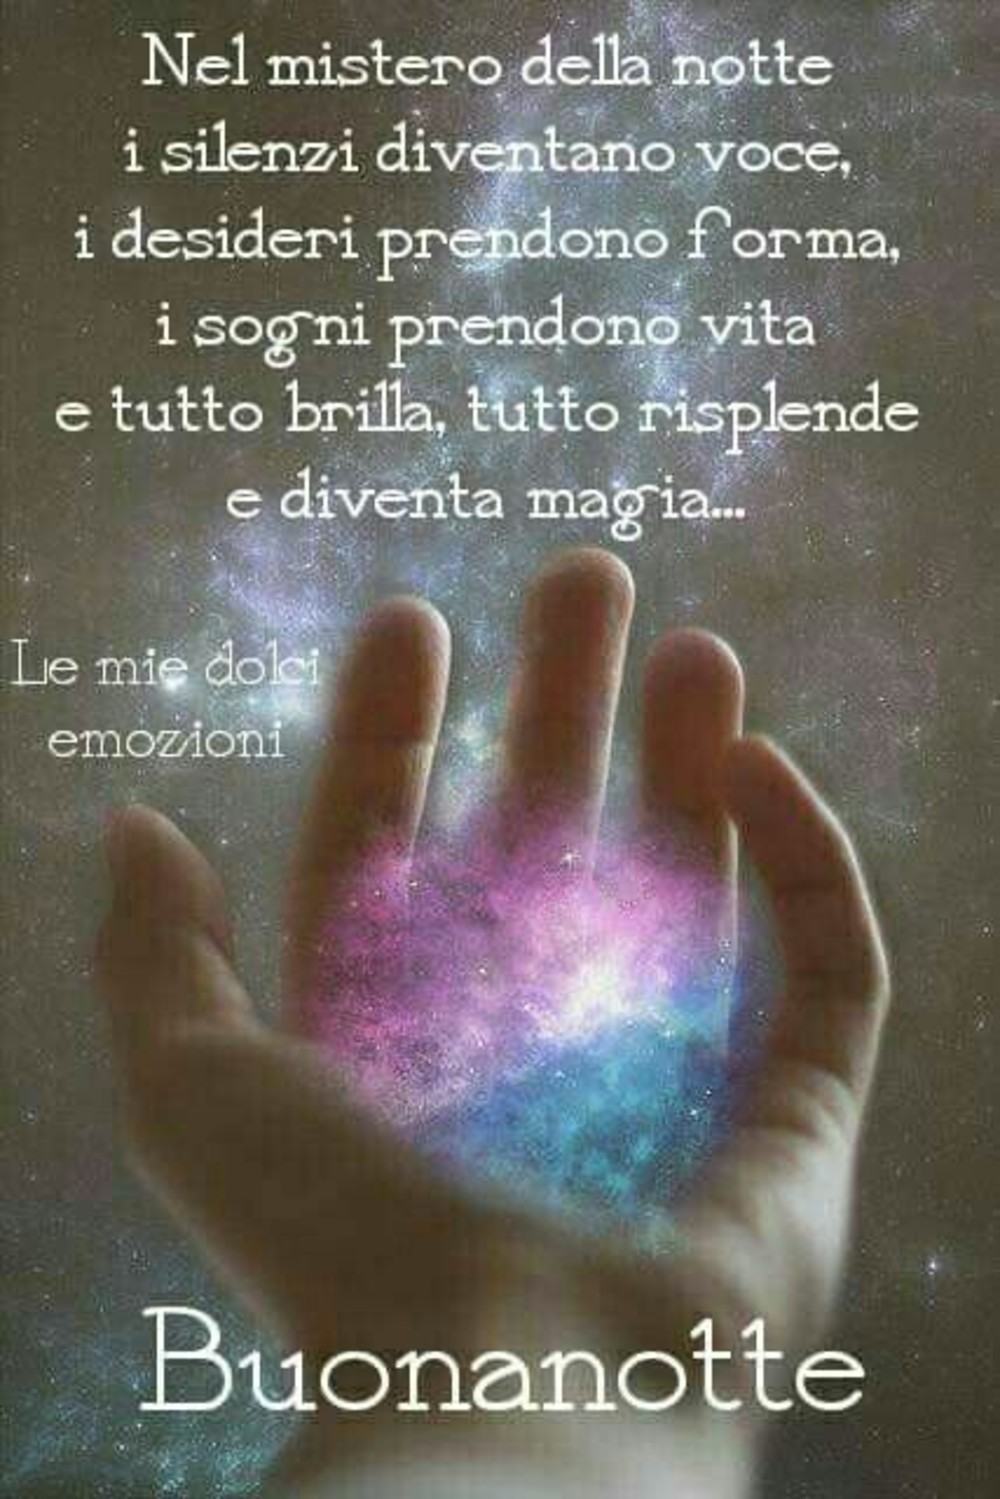 Immagini Buonanotte Divertenti 5139 Buongiornissimocaffe It